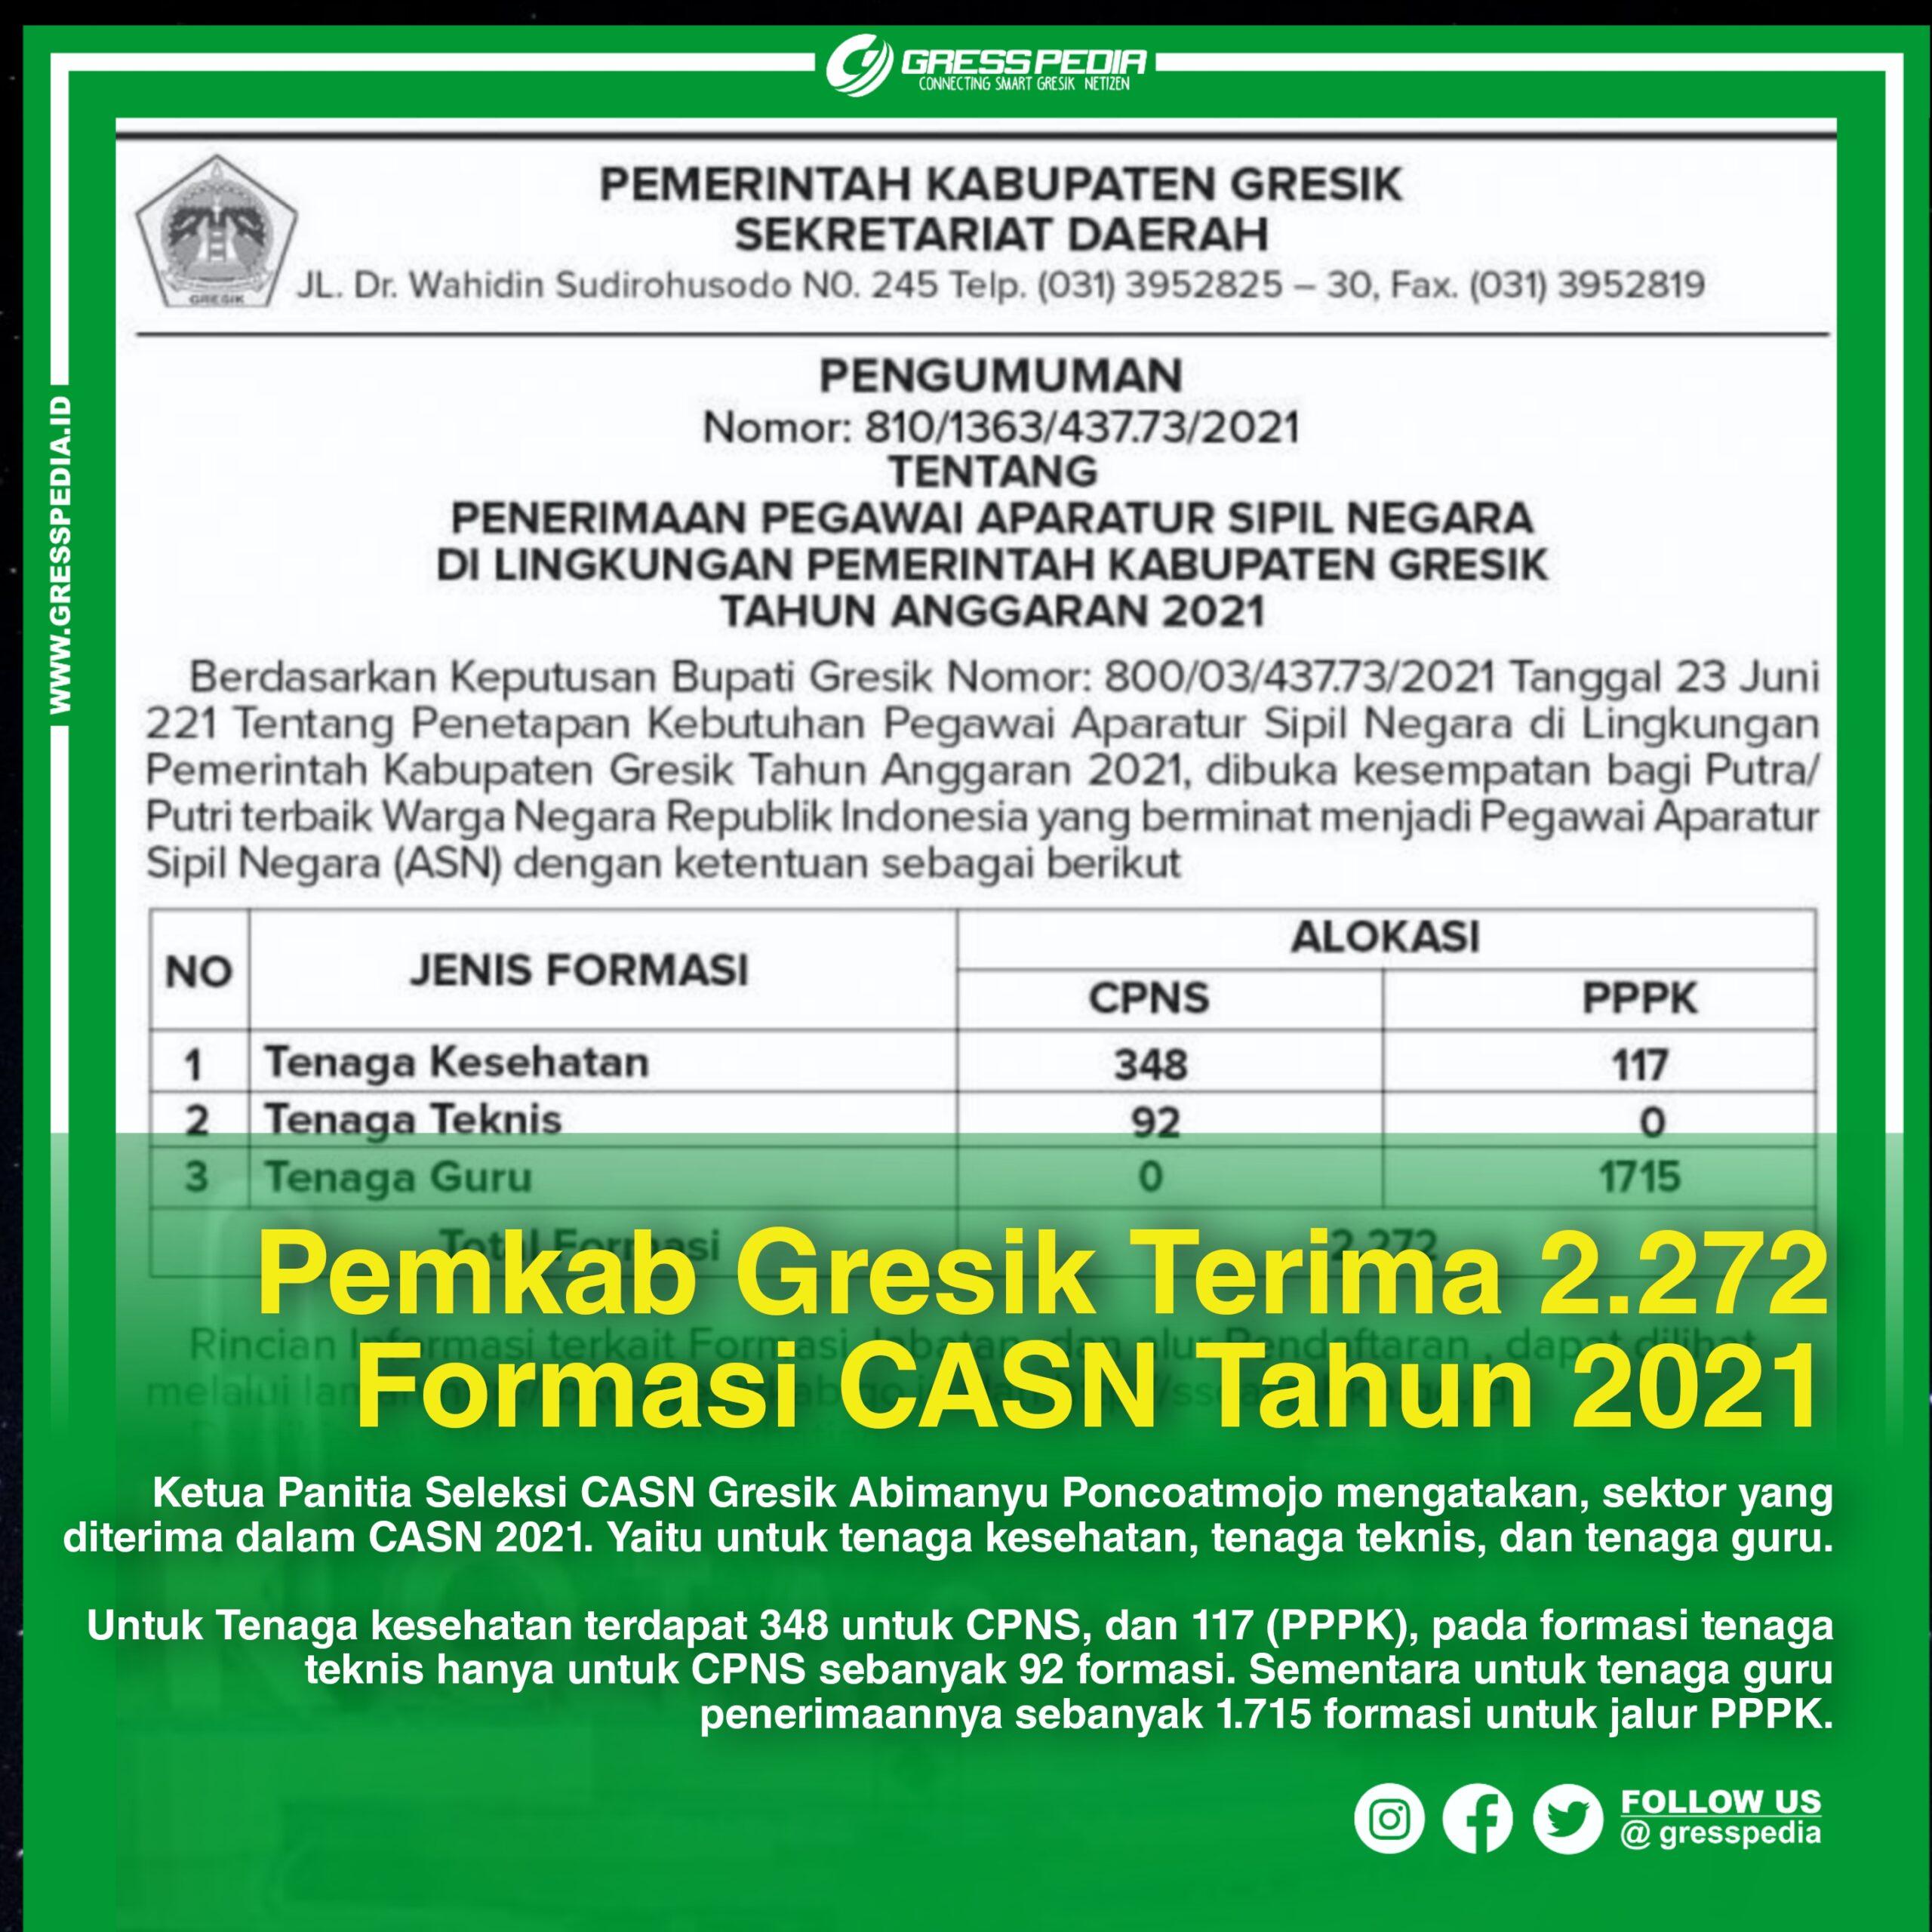 Pemkab Gresik Terima 2.272 Formasi CASN Tahun 2021